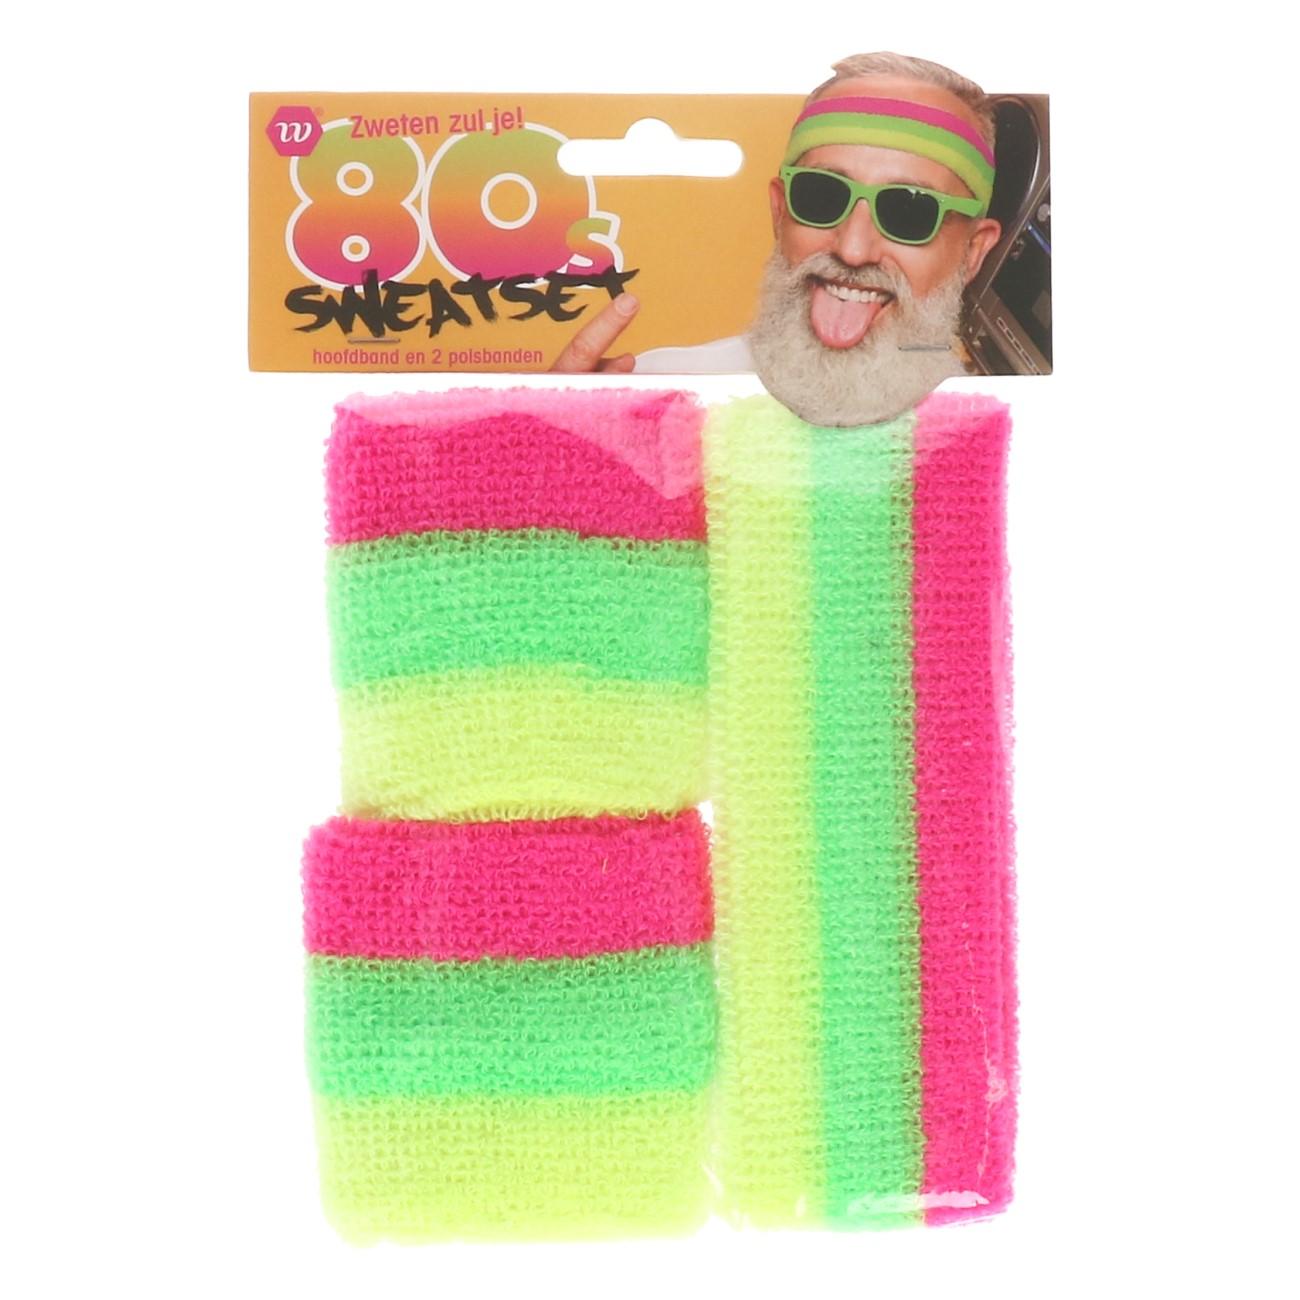 Zweetband hoofd+pols 80's sweatset